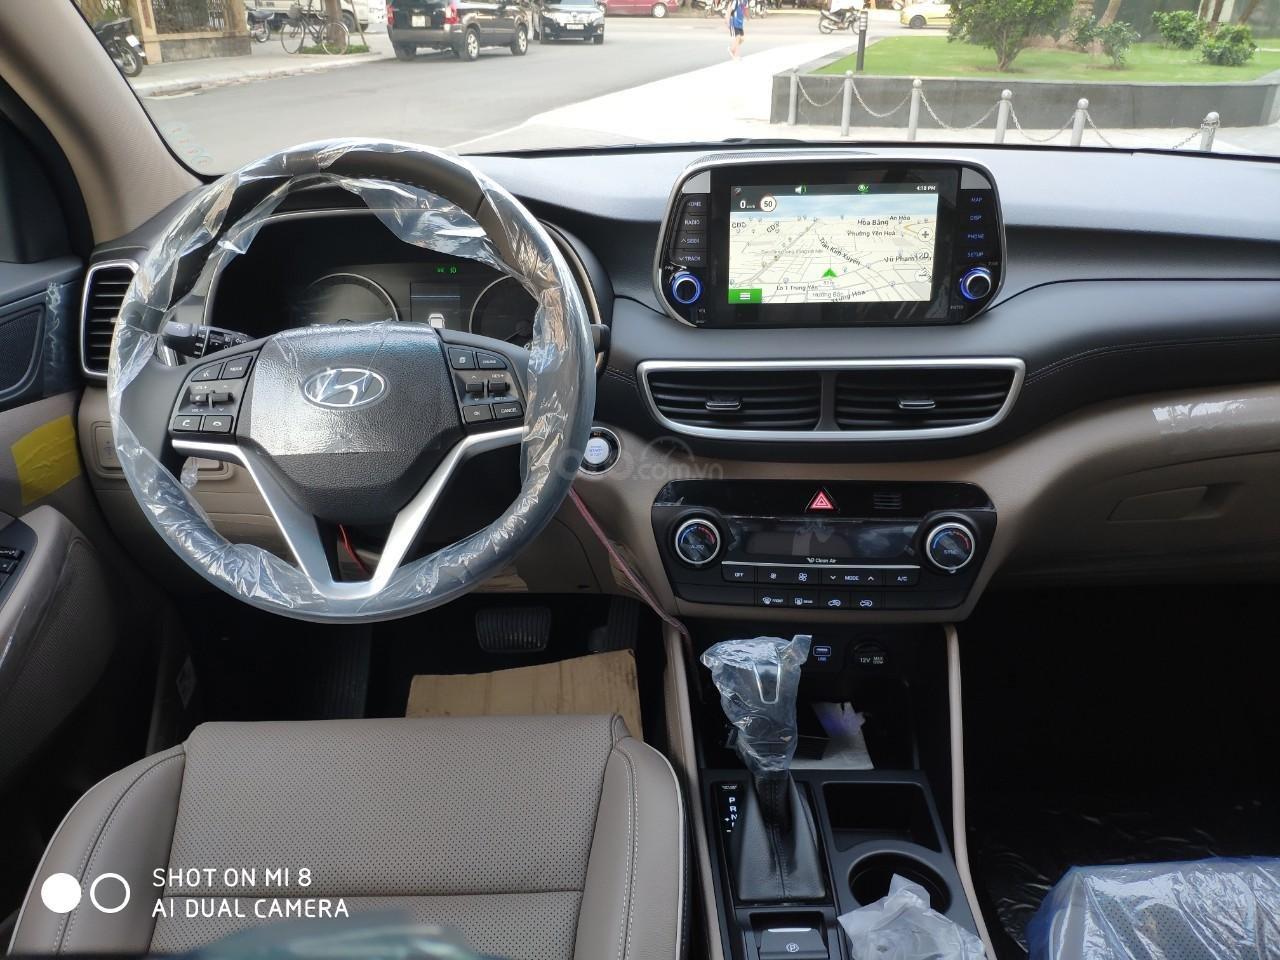 Hyundai Tucson 1.6 Turbo FL 2019, sẵn xe, giao ngay, đủ màu, giá 905tr, tặng full phụ kiện (5)